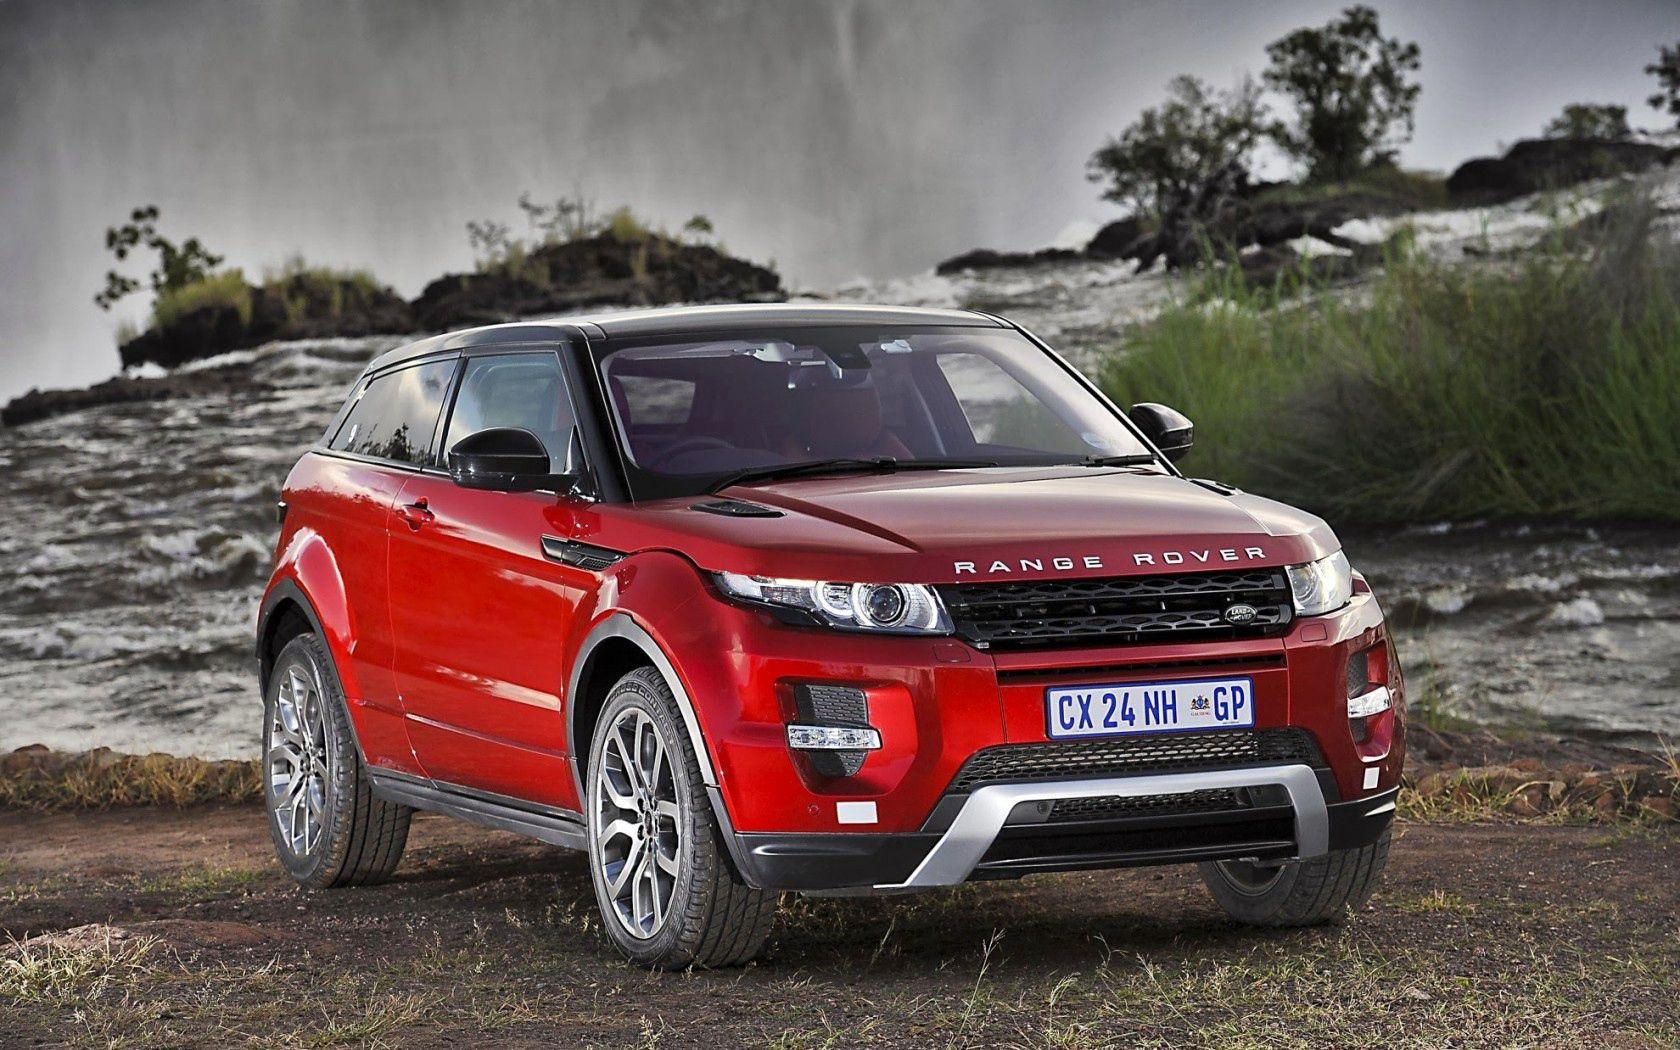 92039 papel de parede 1080x2400 em seu telefone gratuitamente, baixe imagens Range Rover, Land Rover, Carros, Cascata, Carro, Suv, Jipe, África Do Sul, Evoque, Ewok 1080x2400 em seu celular